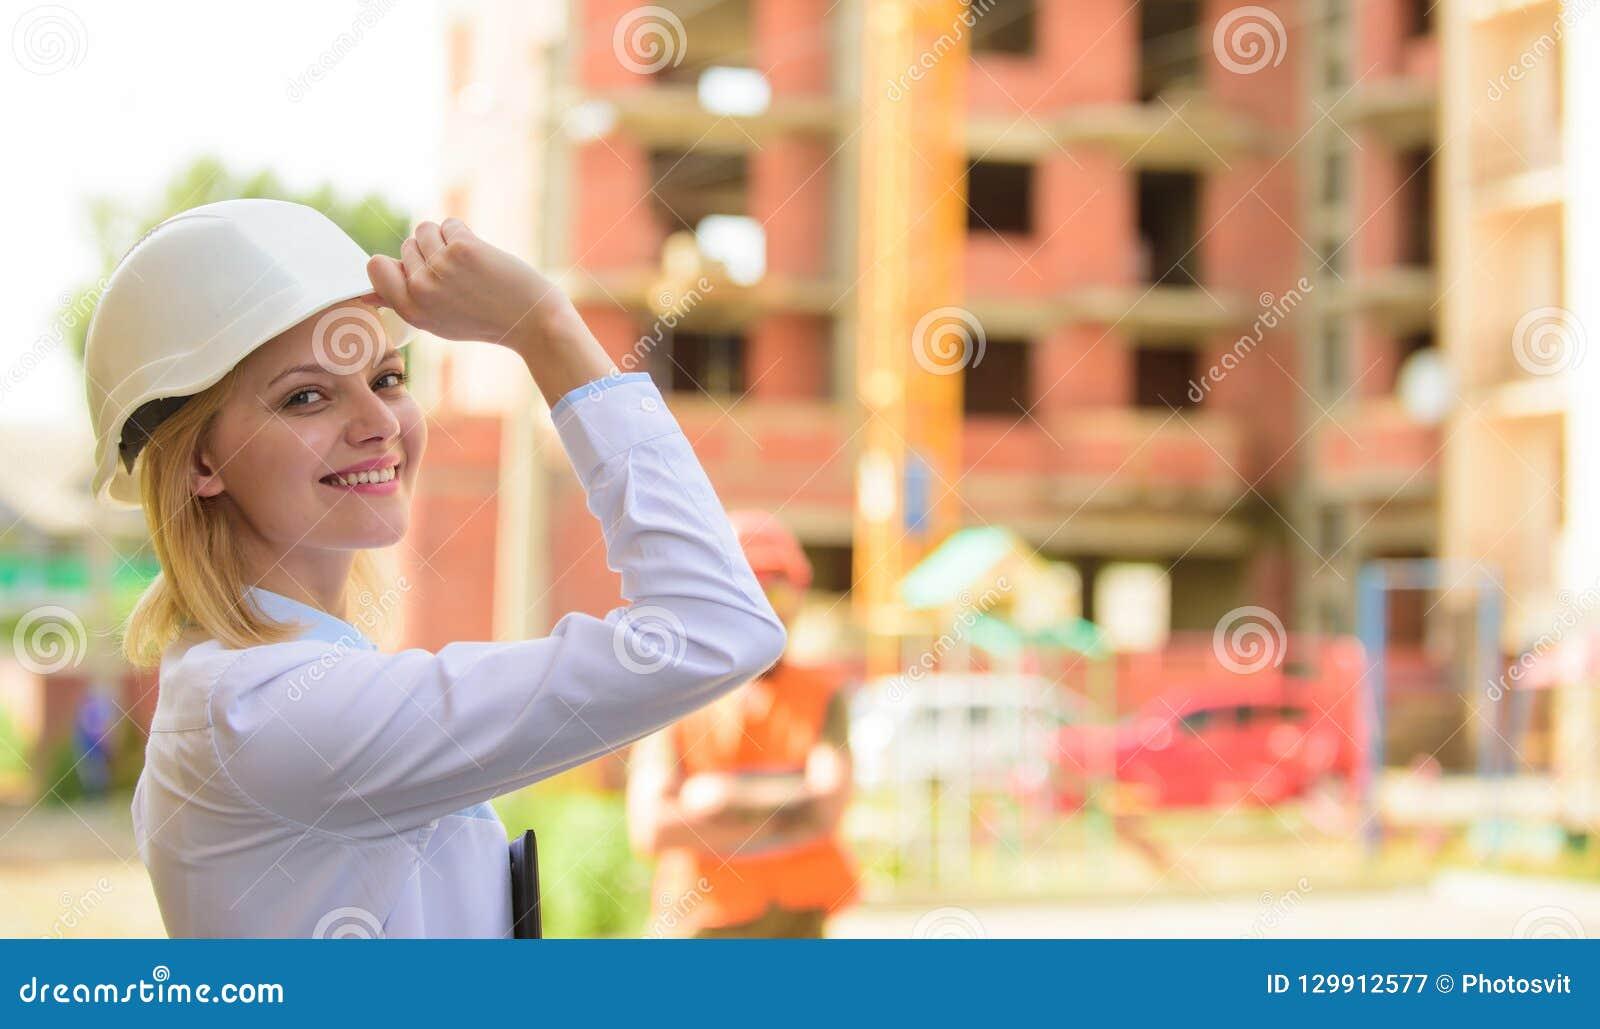 Inspección de la seguridad del emplazamiento de la obra Inspección del proyecto de construcción Concepto del inspector de la segu